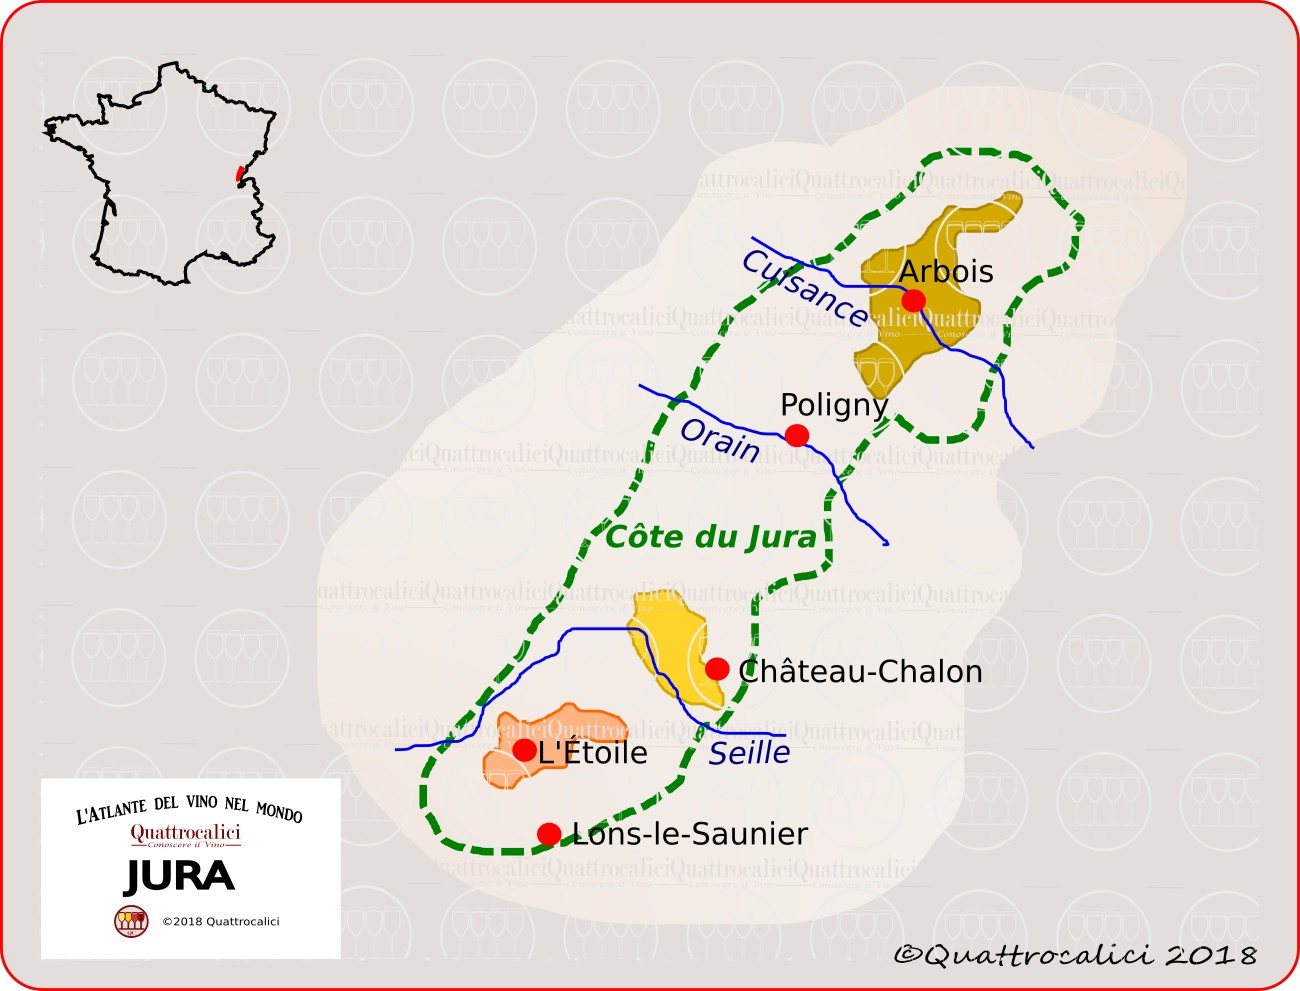 jura - zone di produzione del vino